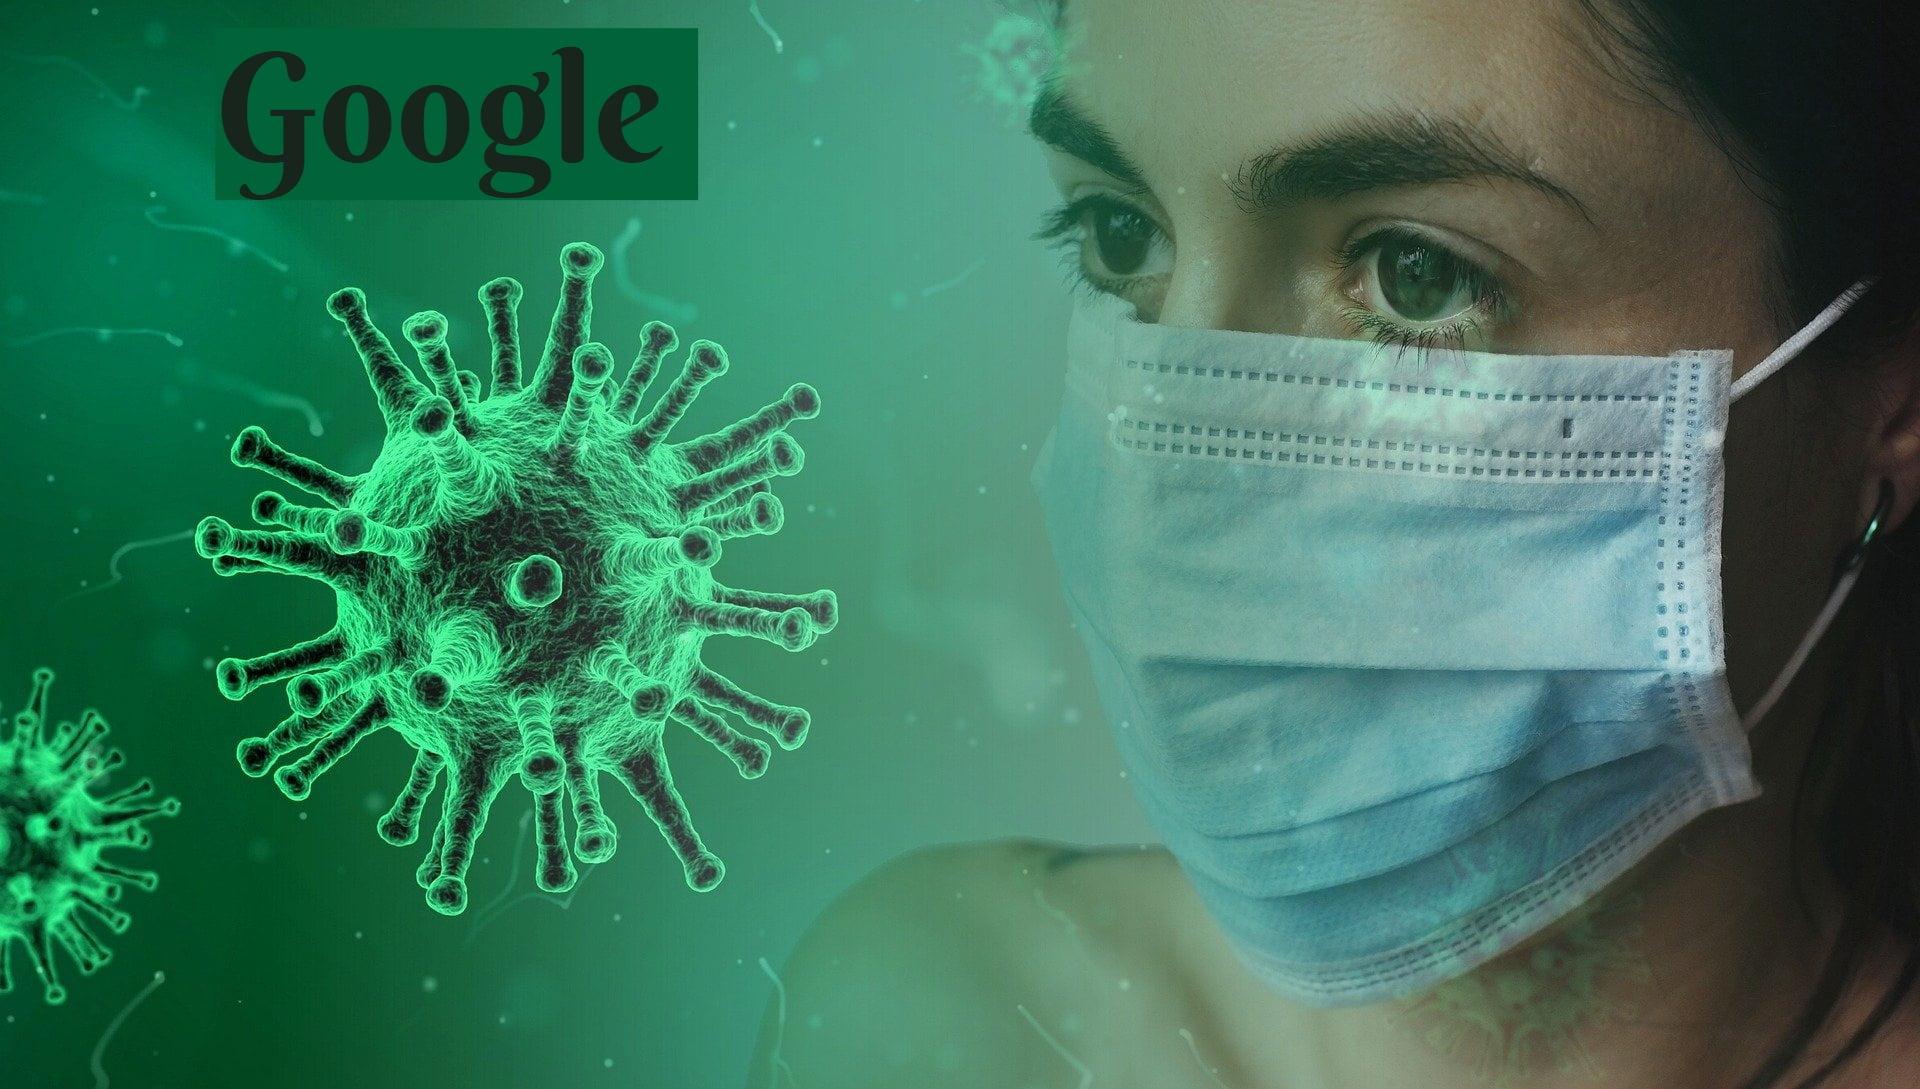 Google, Hindistan'daki Personelinin Korona Virüs Testinin Pozitif Çıktığını Doğruladı!